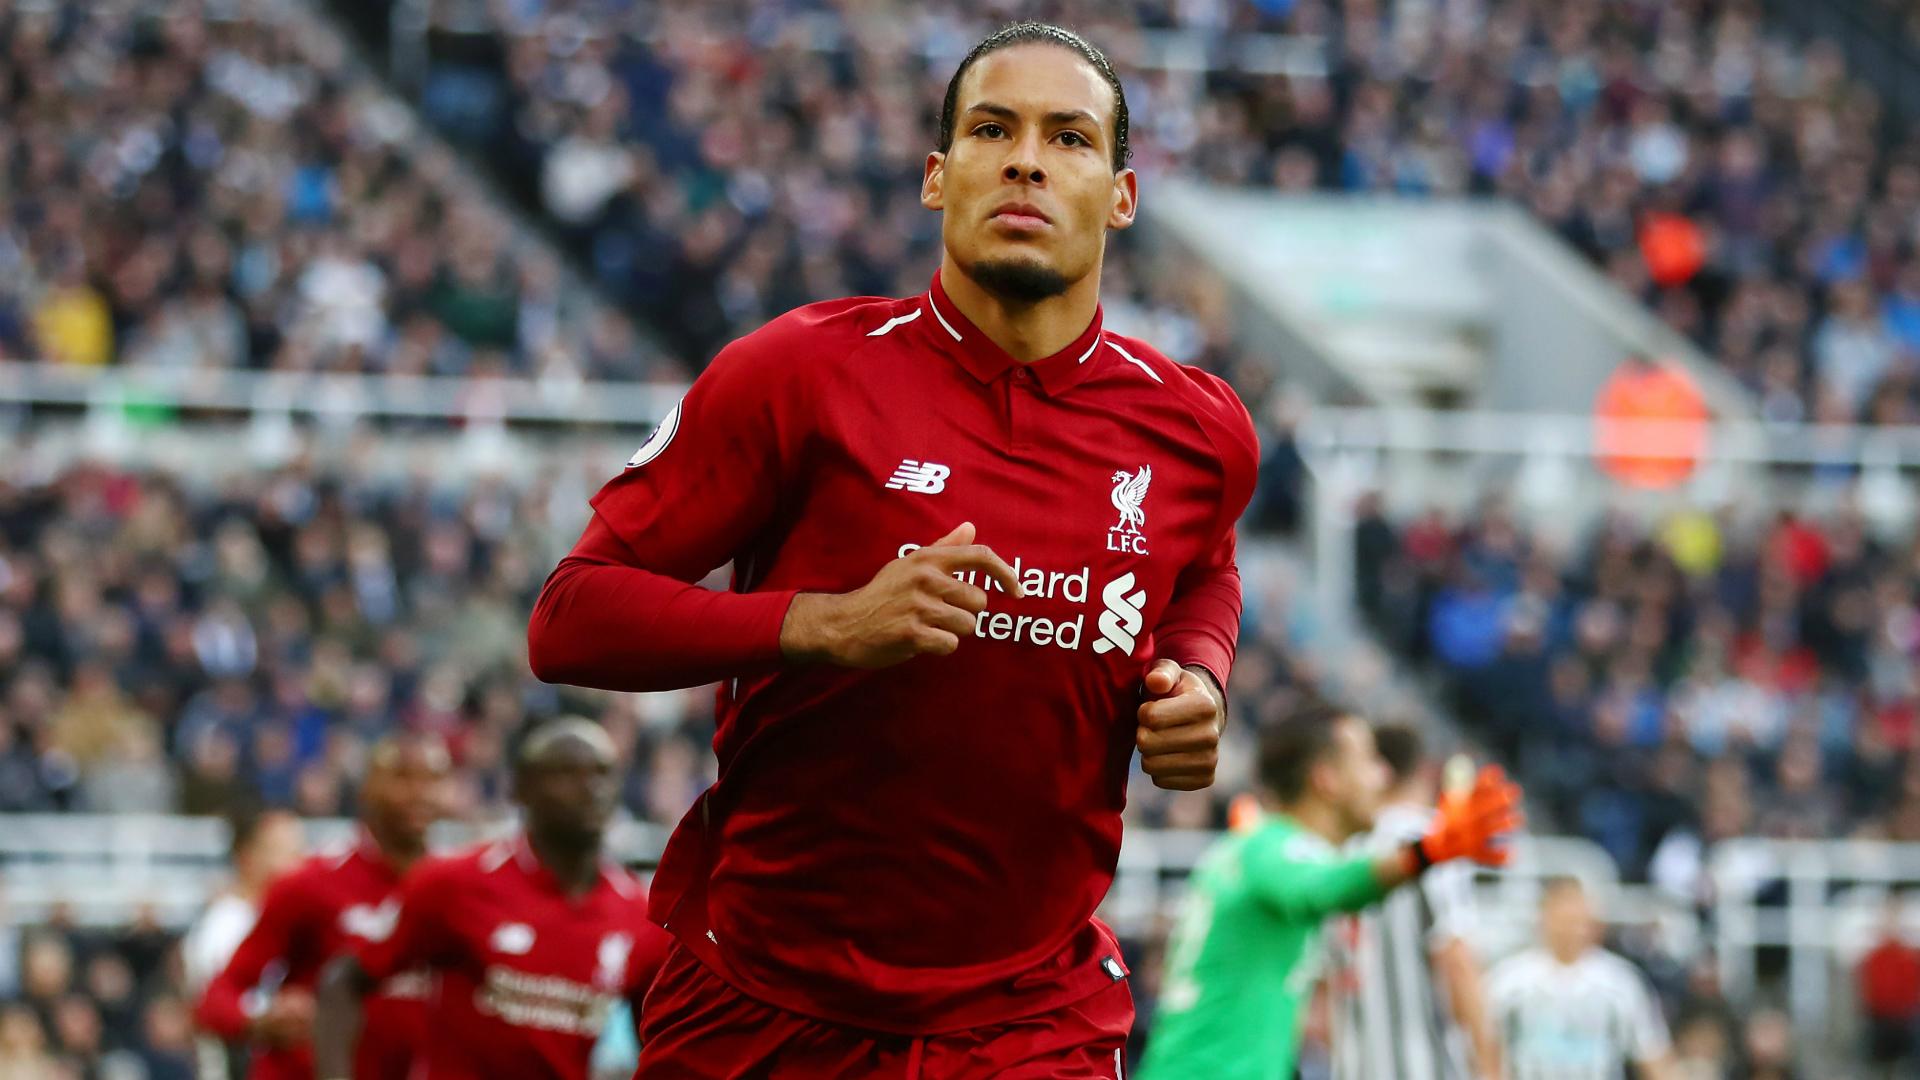 Liverpool News: Forget Messi, Give Van Dijk The Ballon D